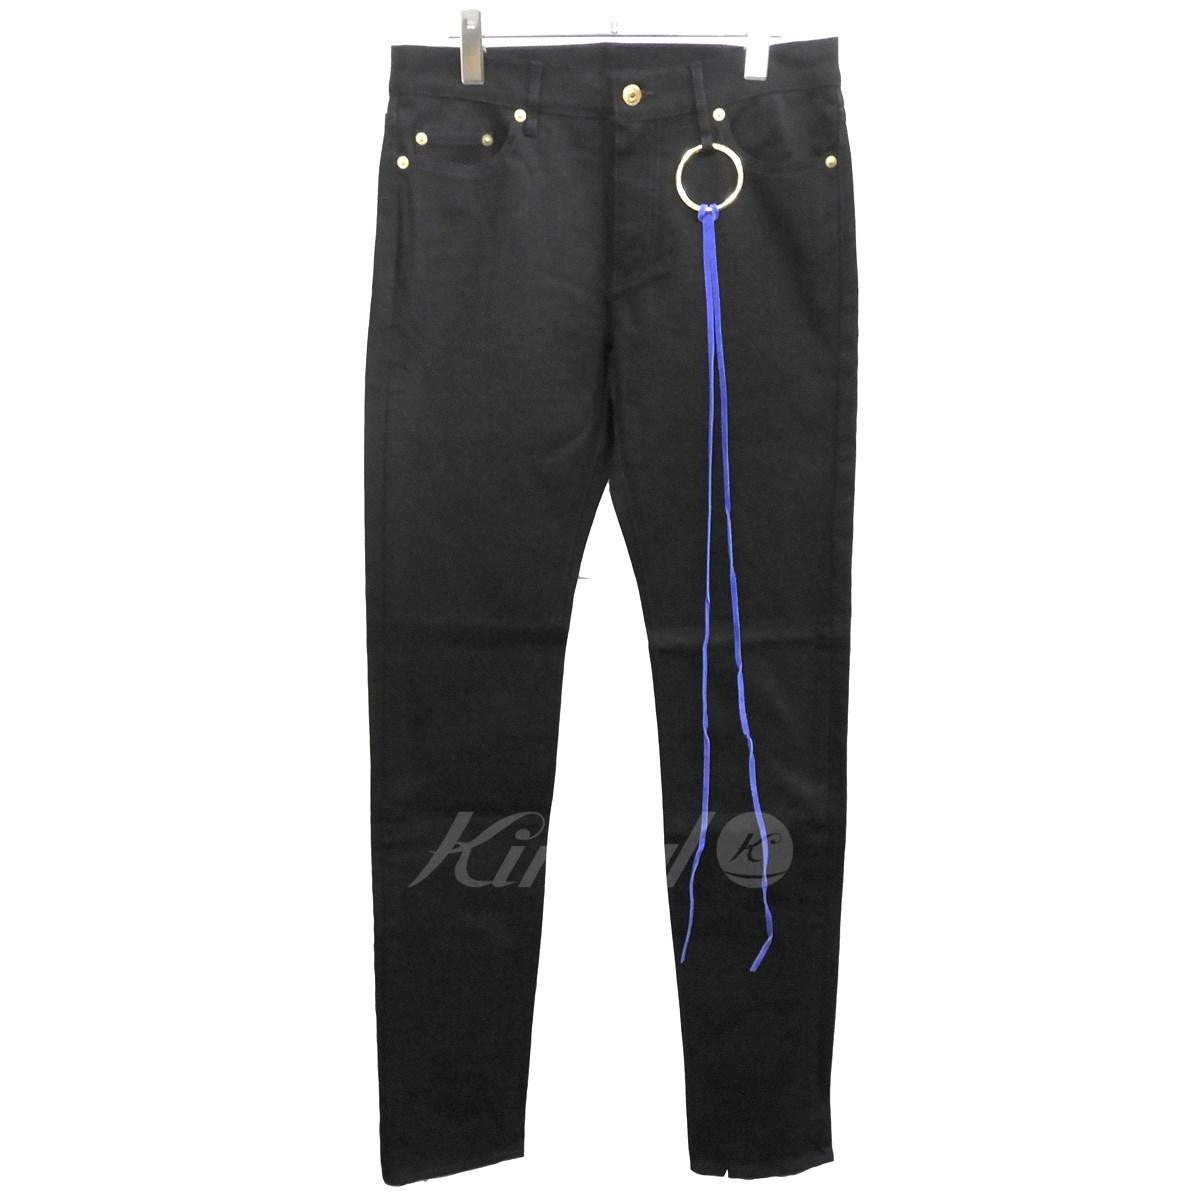 【中古】MINDSEEKER 18SS「Stitch Denim Pants」デニムパンツ ジーンズ 【送料無料】 【165807】 【KIND1551】